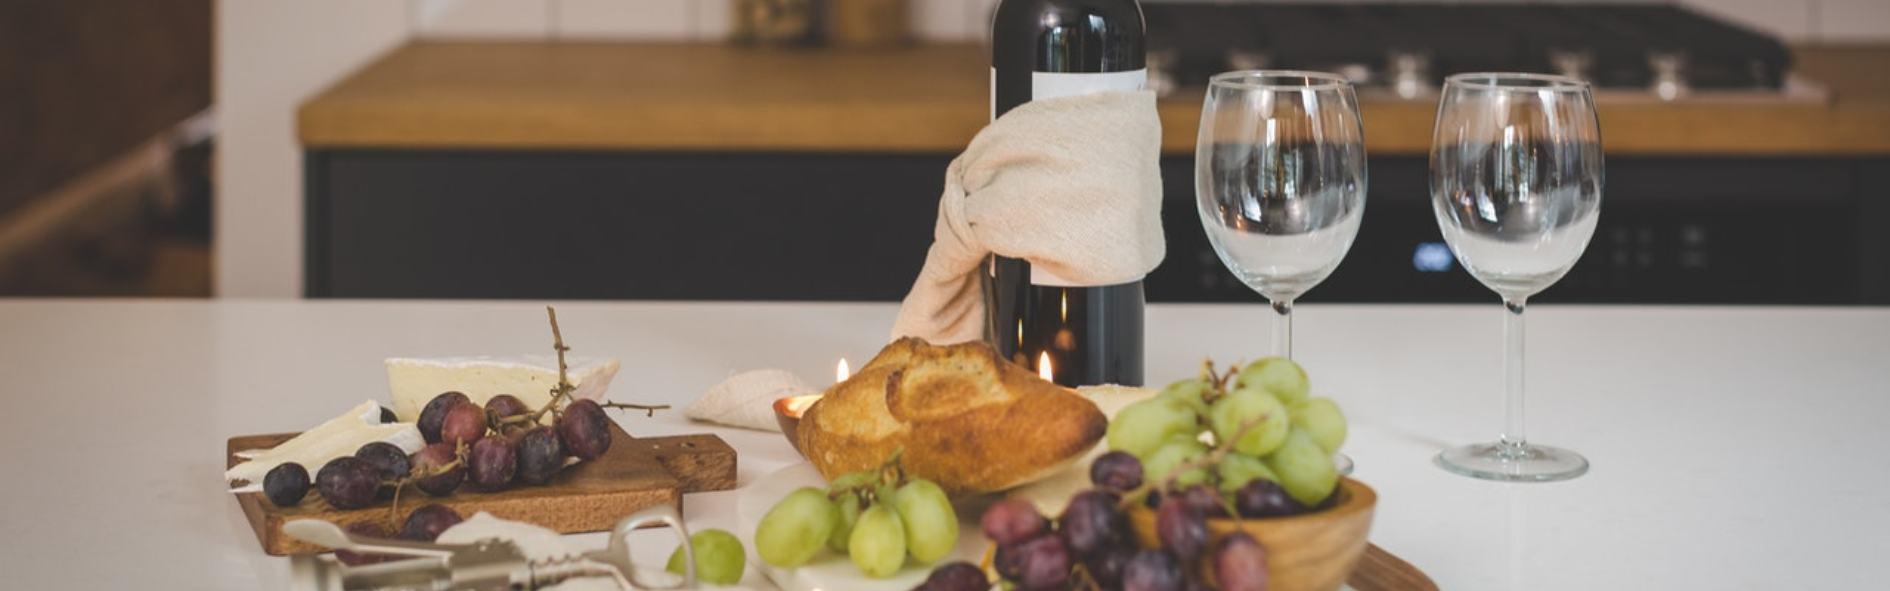 Descubre el maridaje entre vinos y alimentos ideal